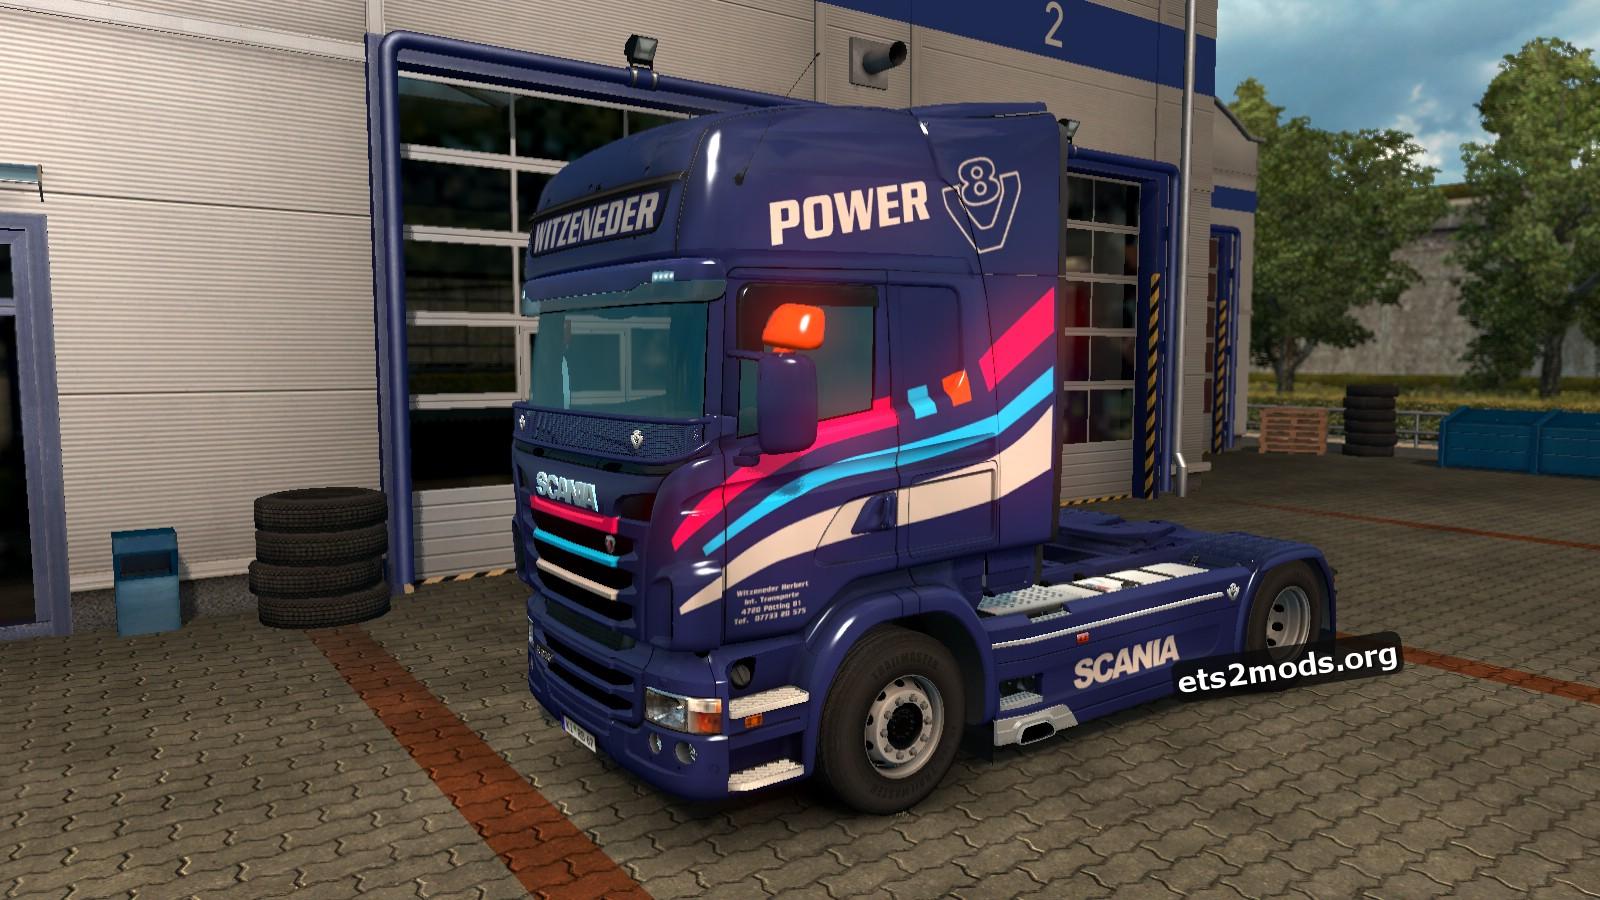 Witzeneder Skin for Scania RJL